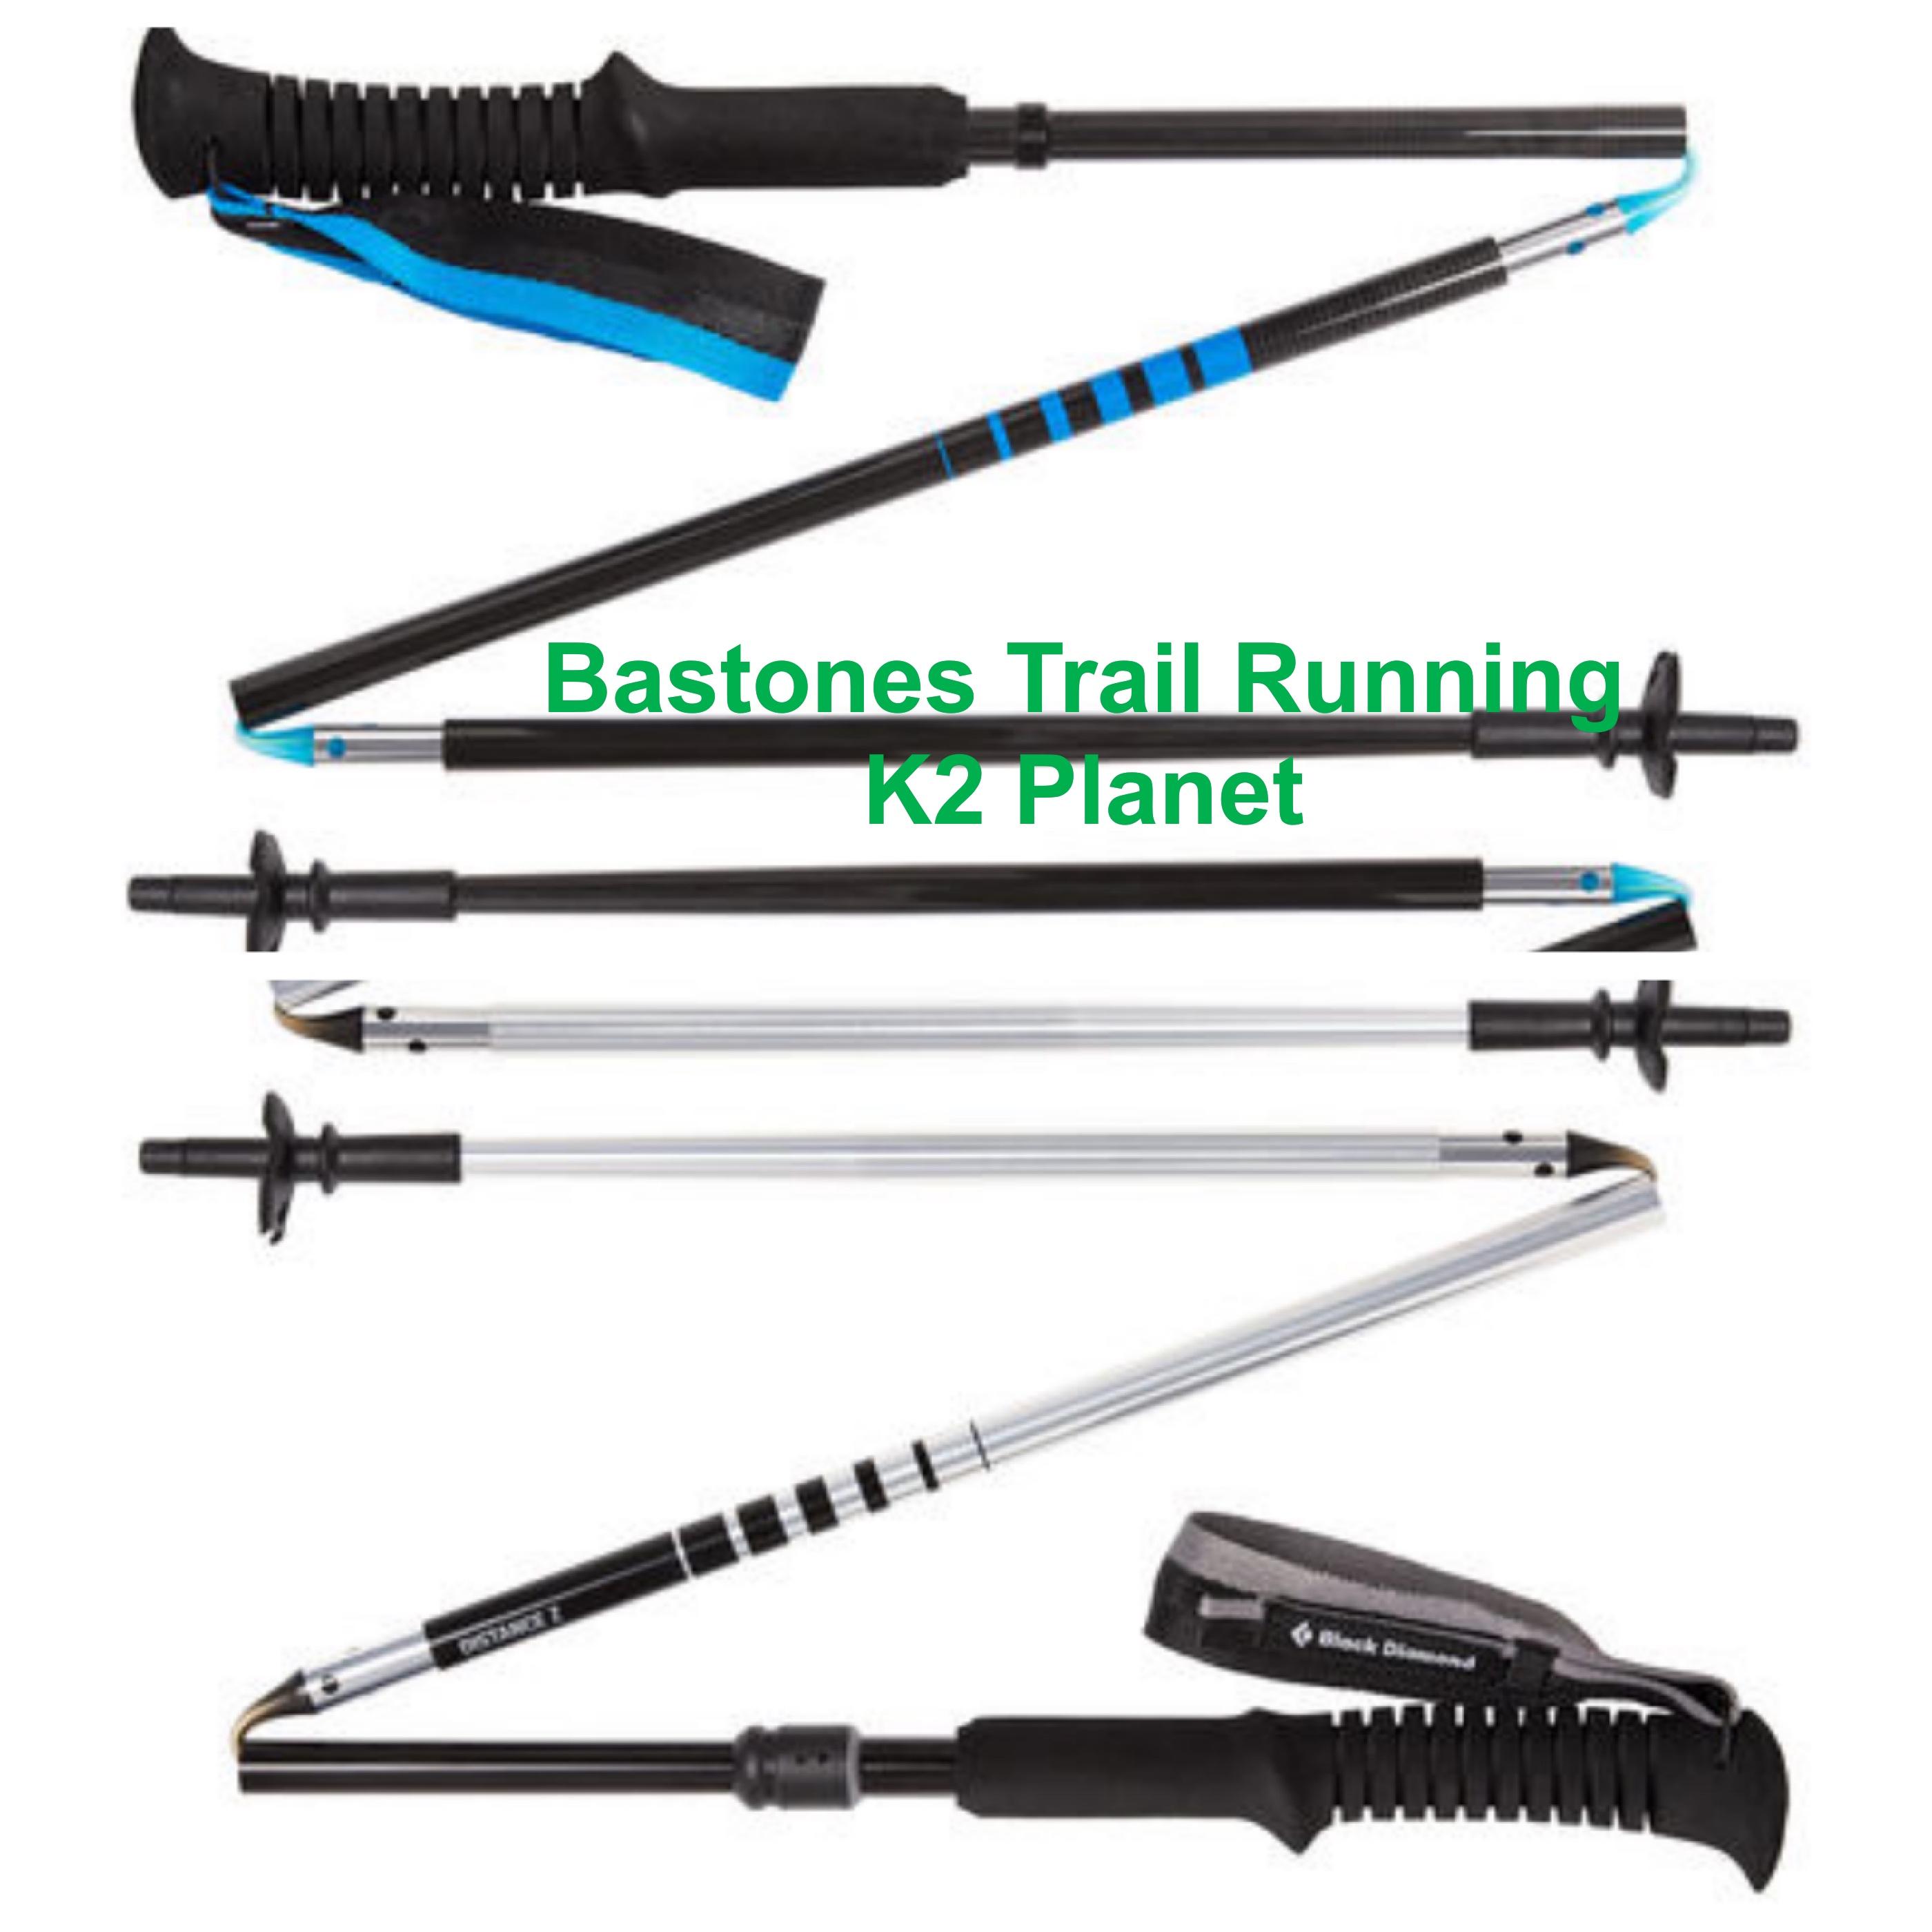 Bastones de Trail Running